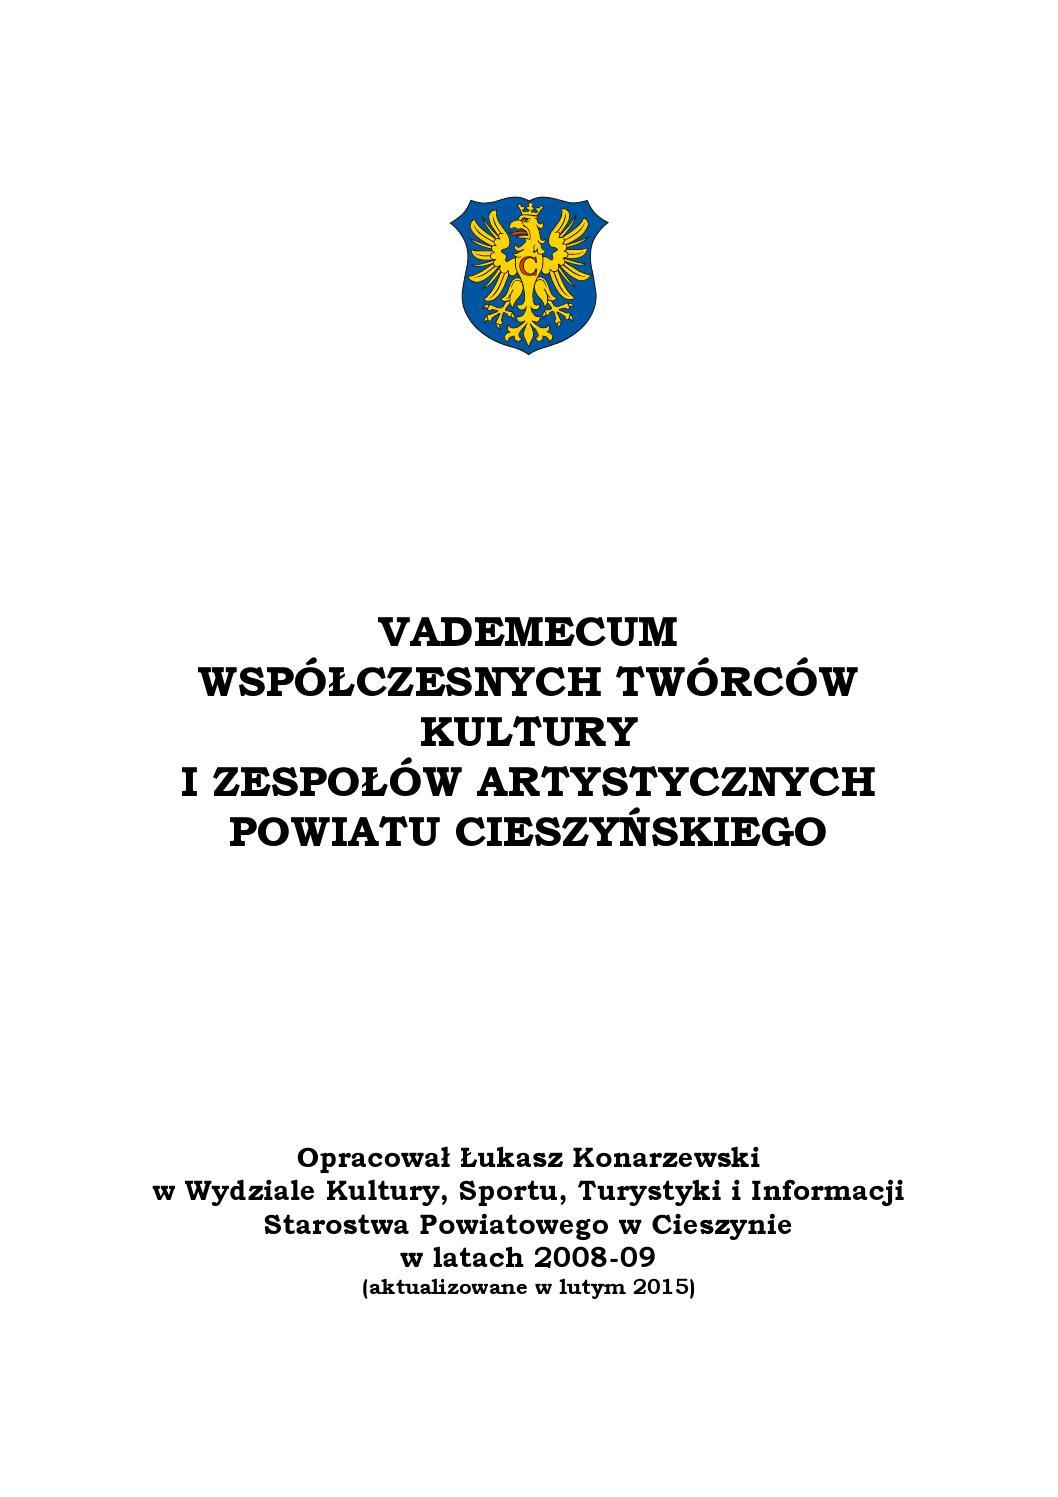 Vademecum By Webdesign Expertseu Damian Macura Issuu